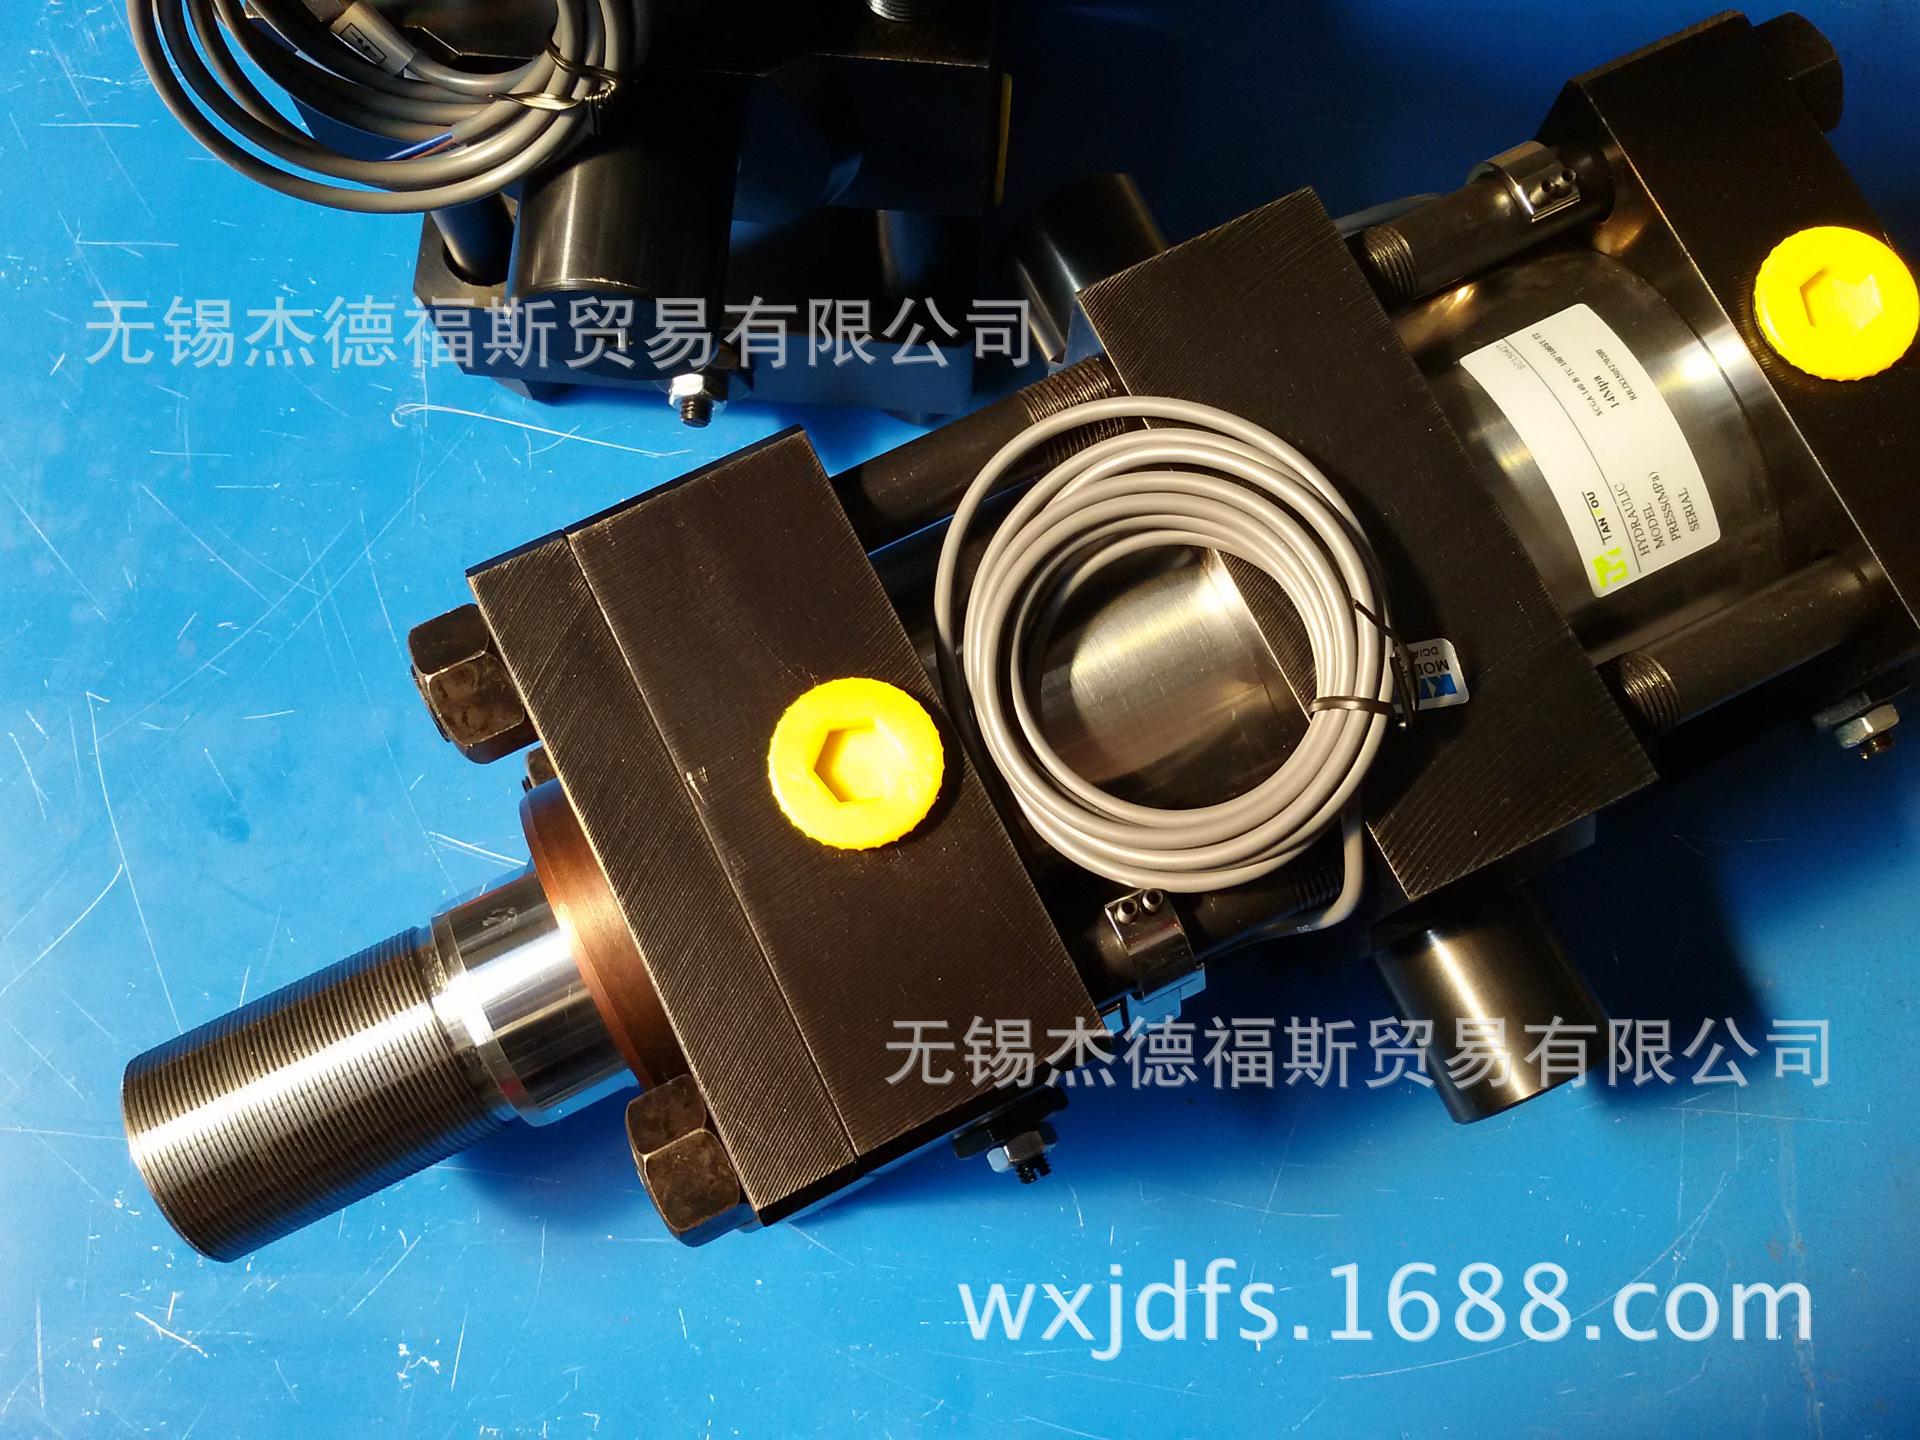 厂家直销 四拉杆油缸 轻型油缸 液压缸 非标订制图片